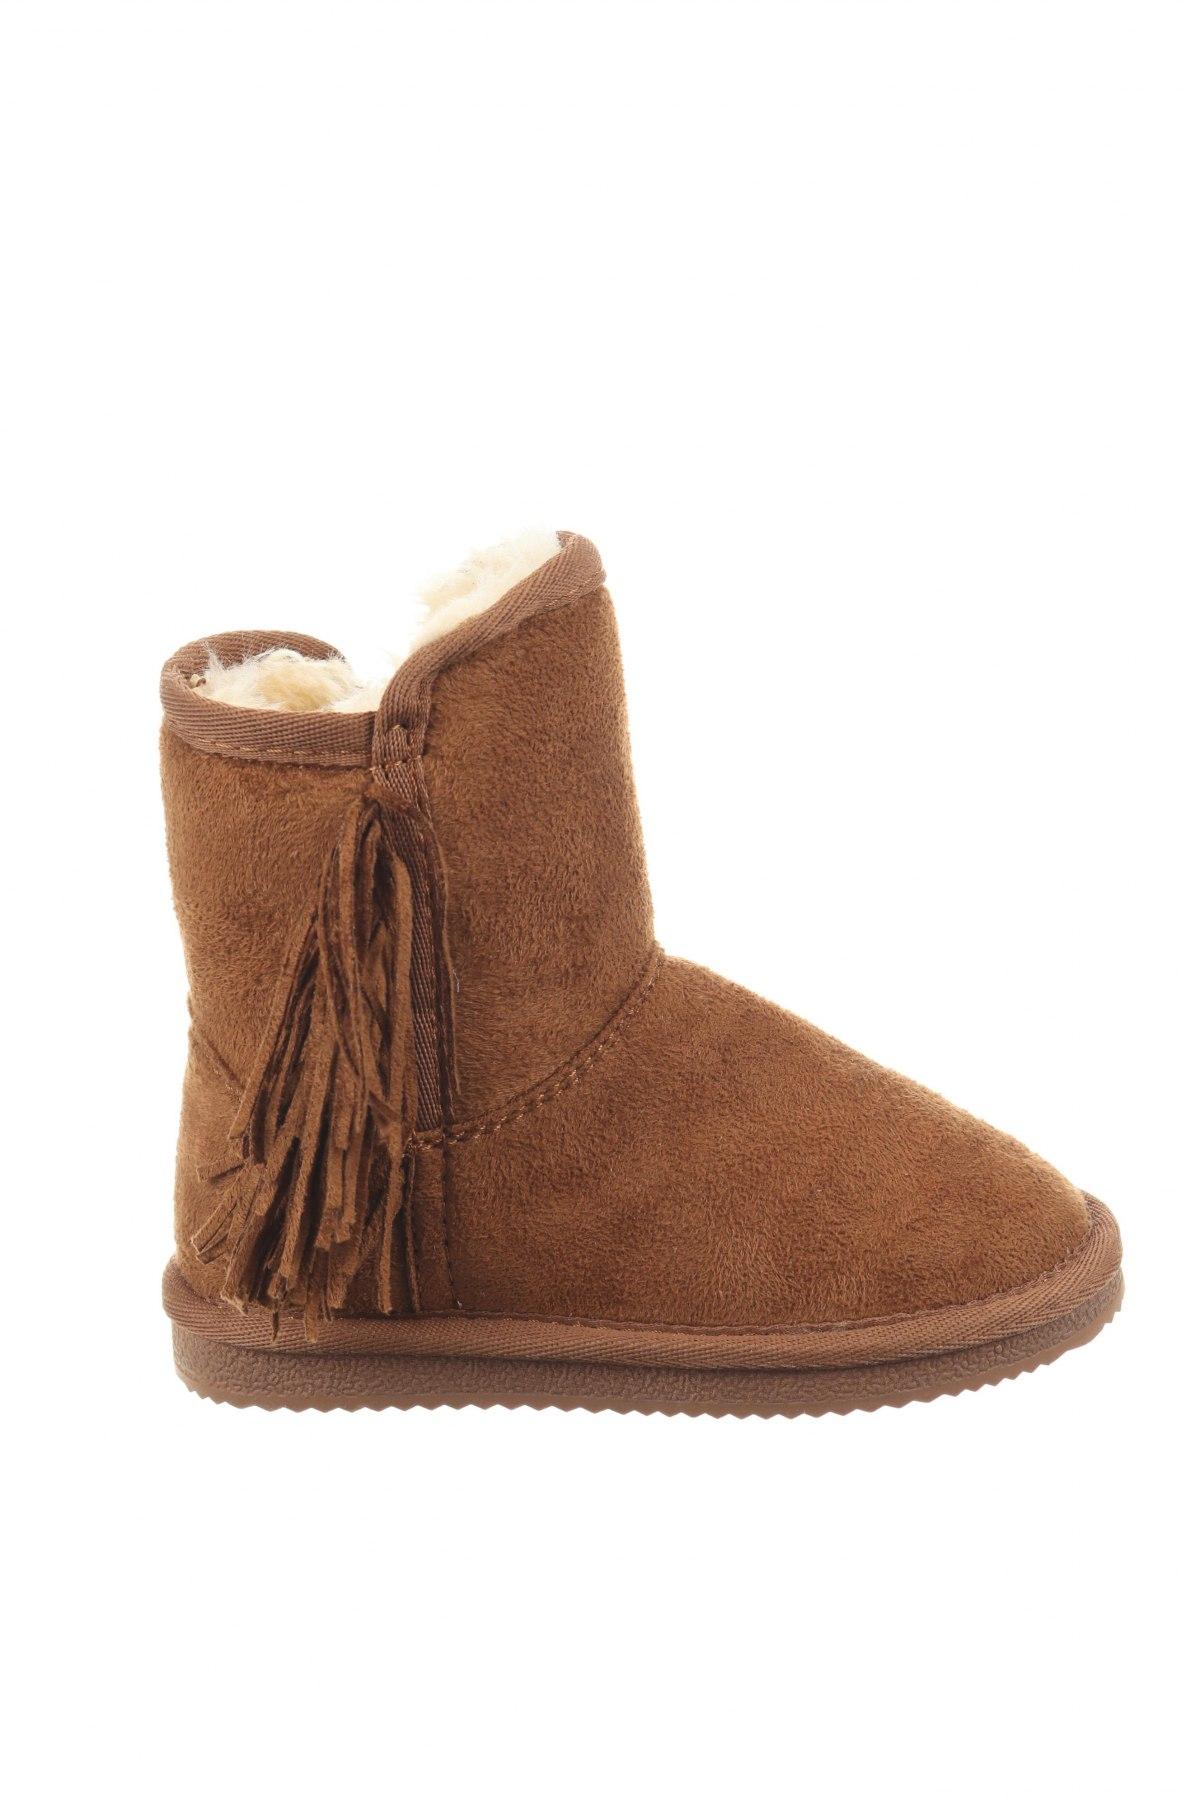 Παιδικά παπούτσια Saxo Blues, Μέγεθος 27, Χρώμα Καφέ, Κλωστοϋφαντουργικά προϊόντα, Τιμή 15,65€